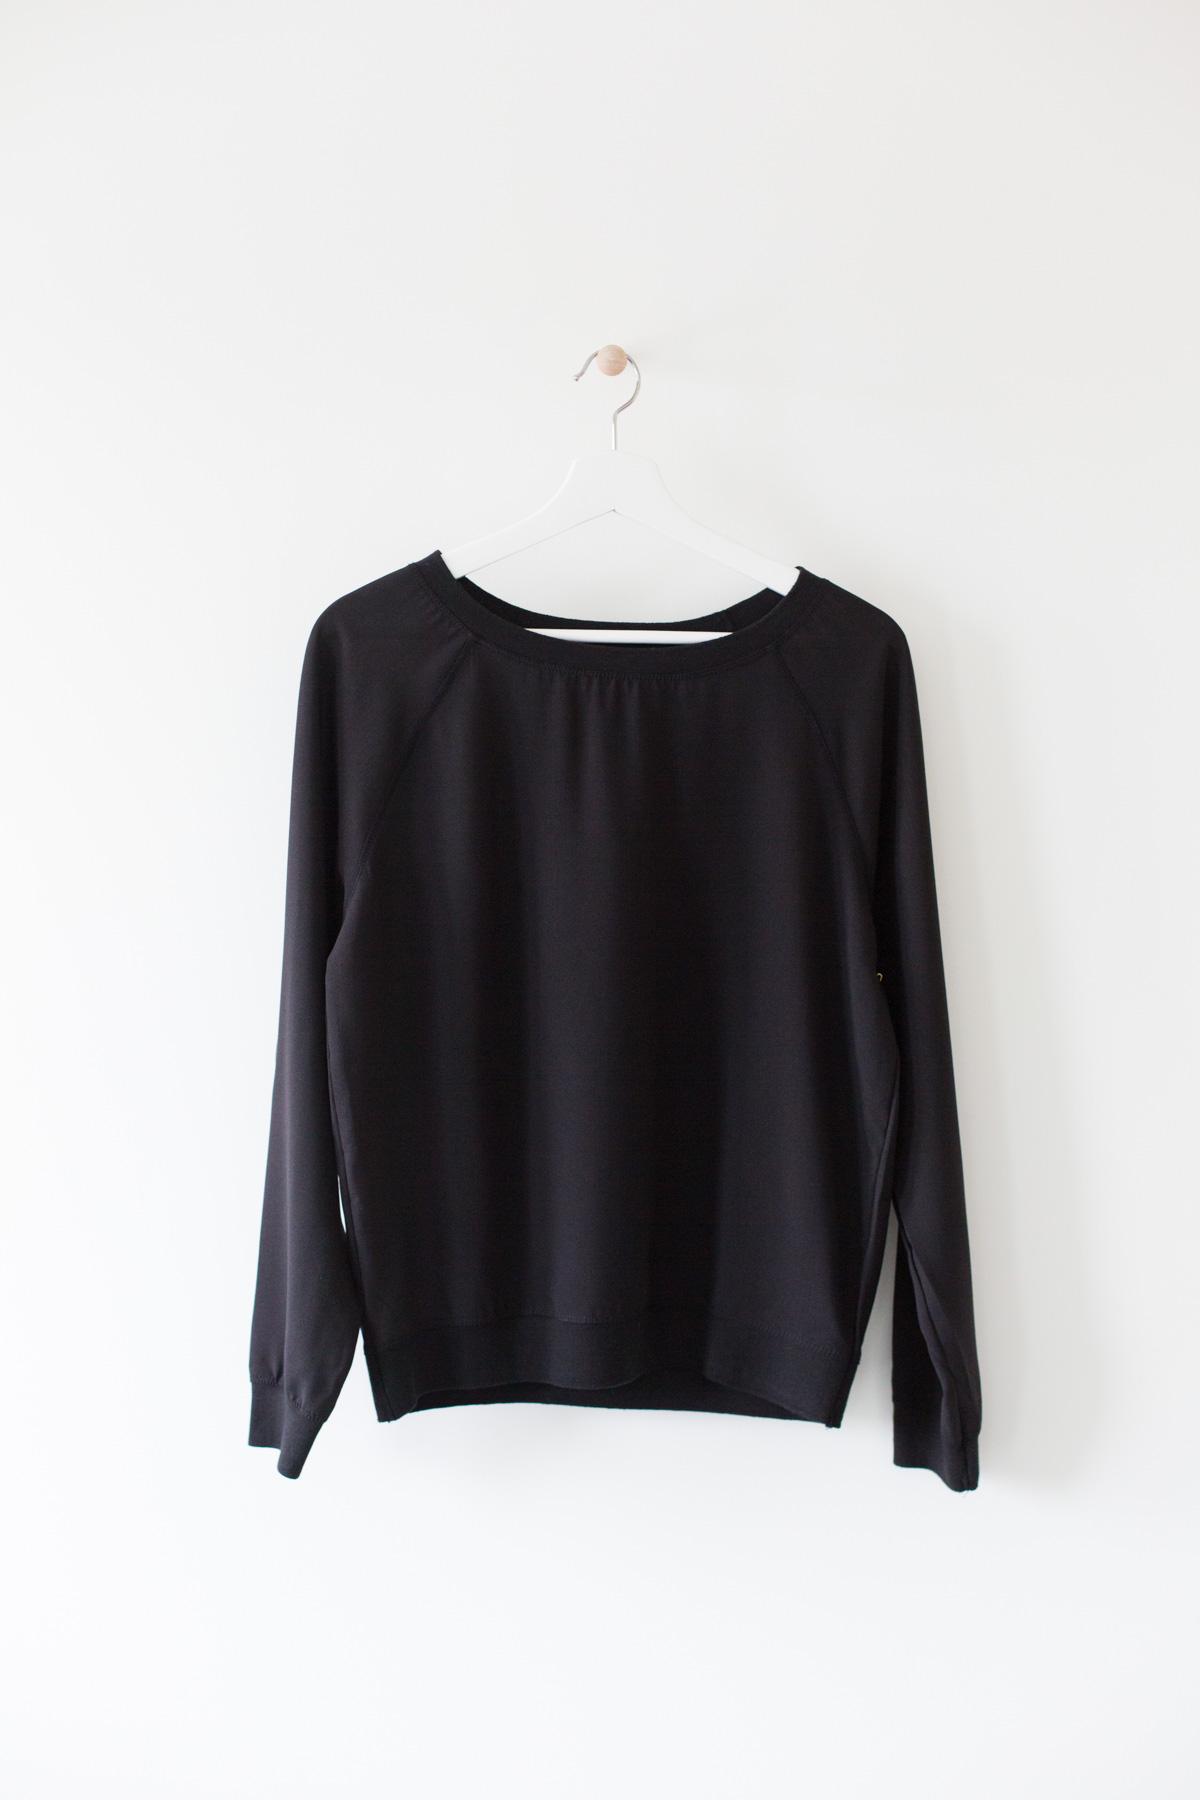 Bezaubernd Moderne Pullover Referenz Von Milleno Black